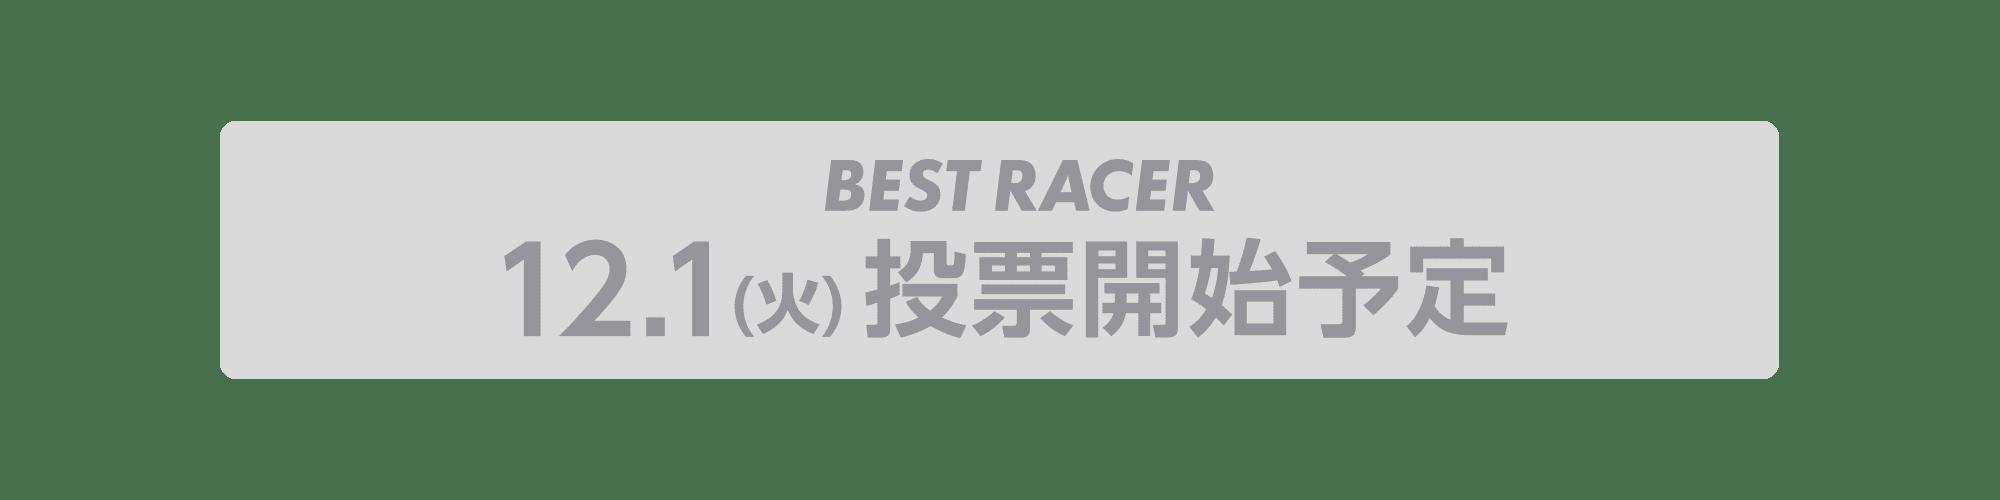 12月1日(火)最優秀BEST RACER投票開始予定